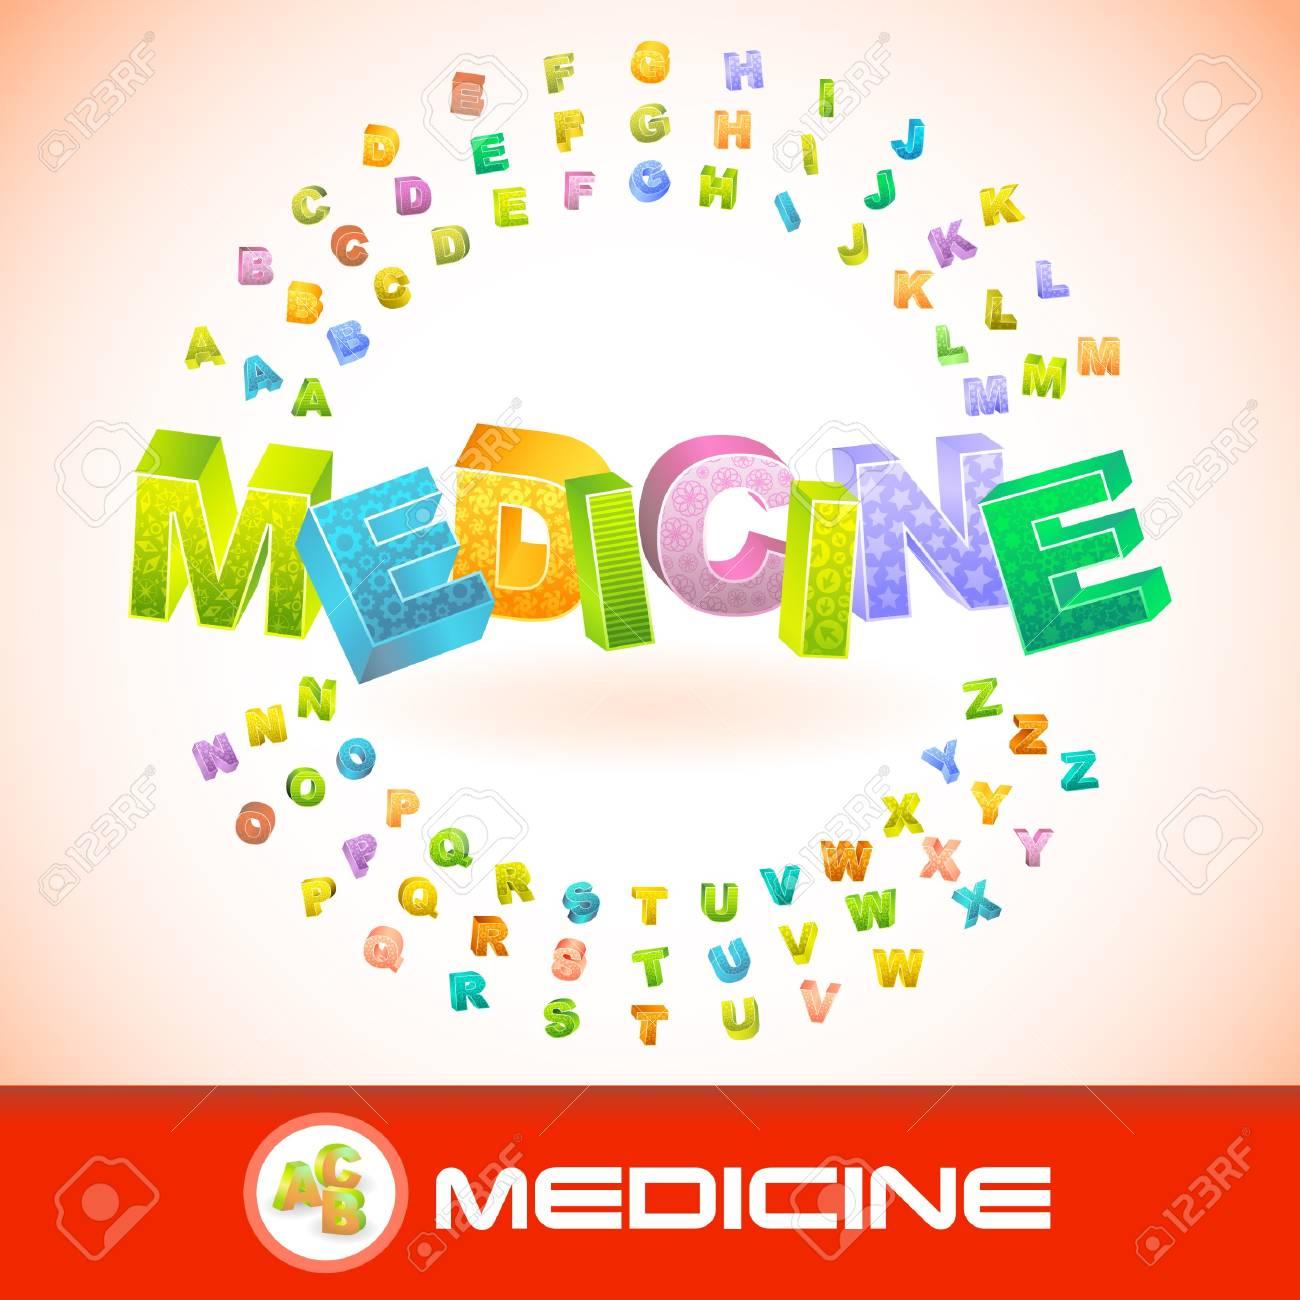 MEDICINE. 3d illustration. Stock Vector - 7819581